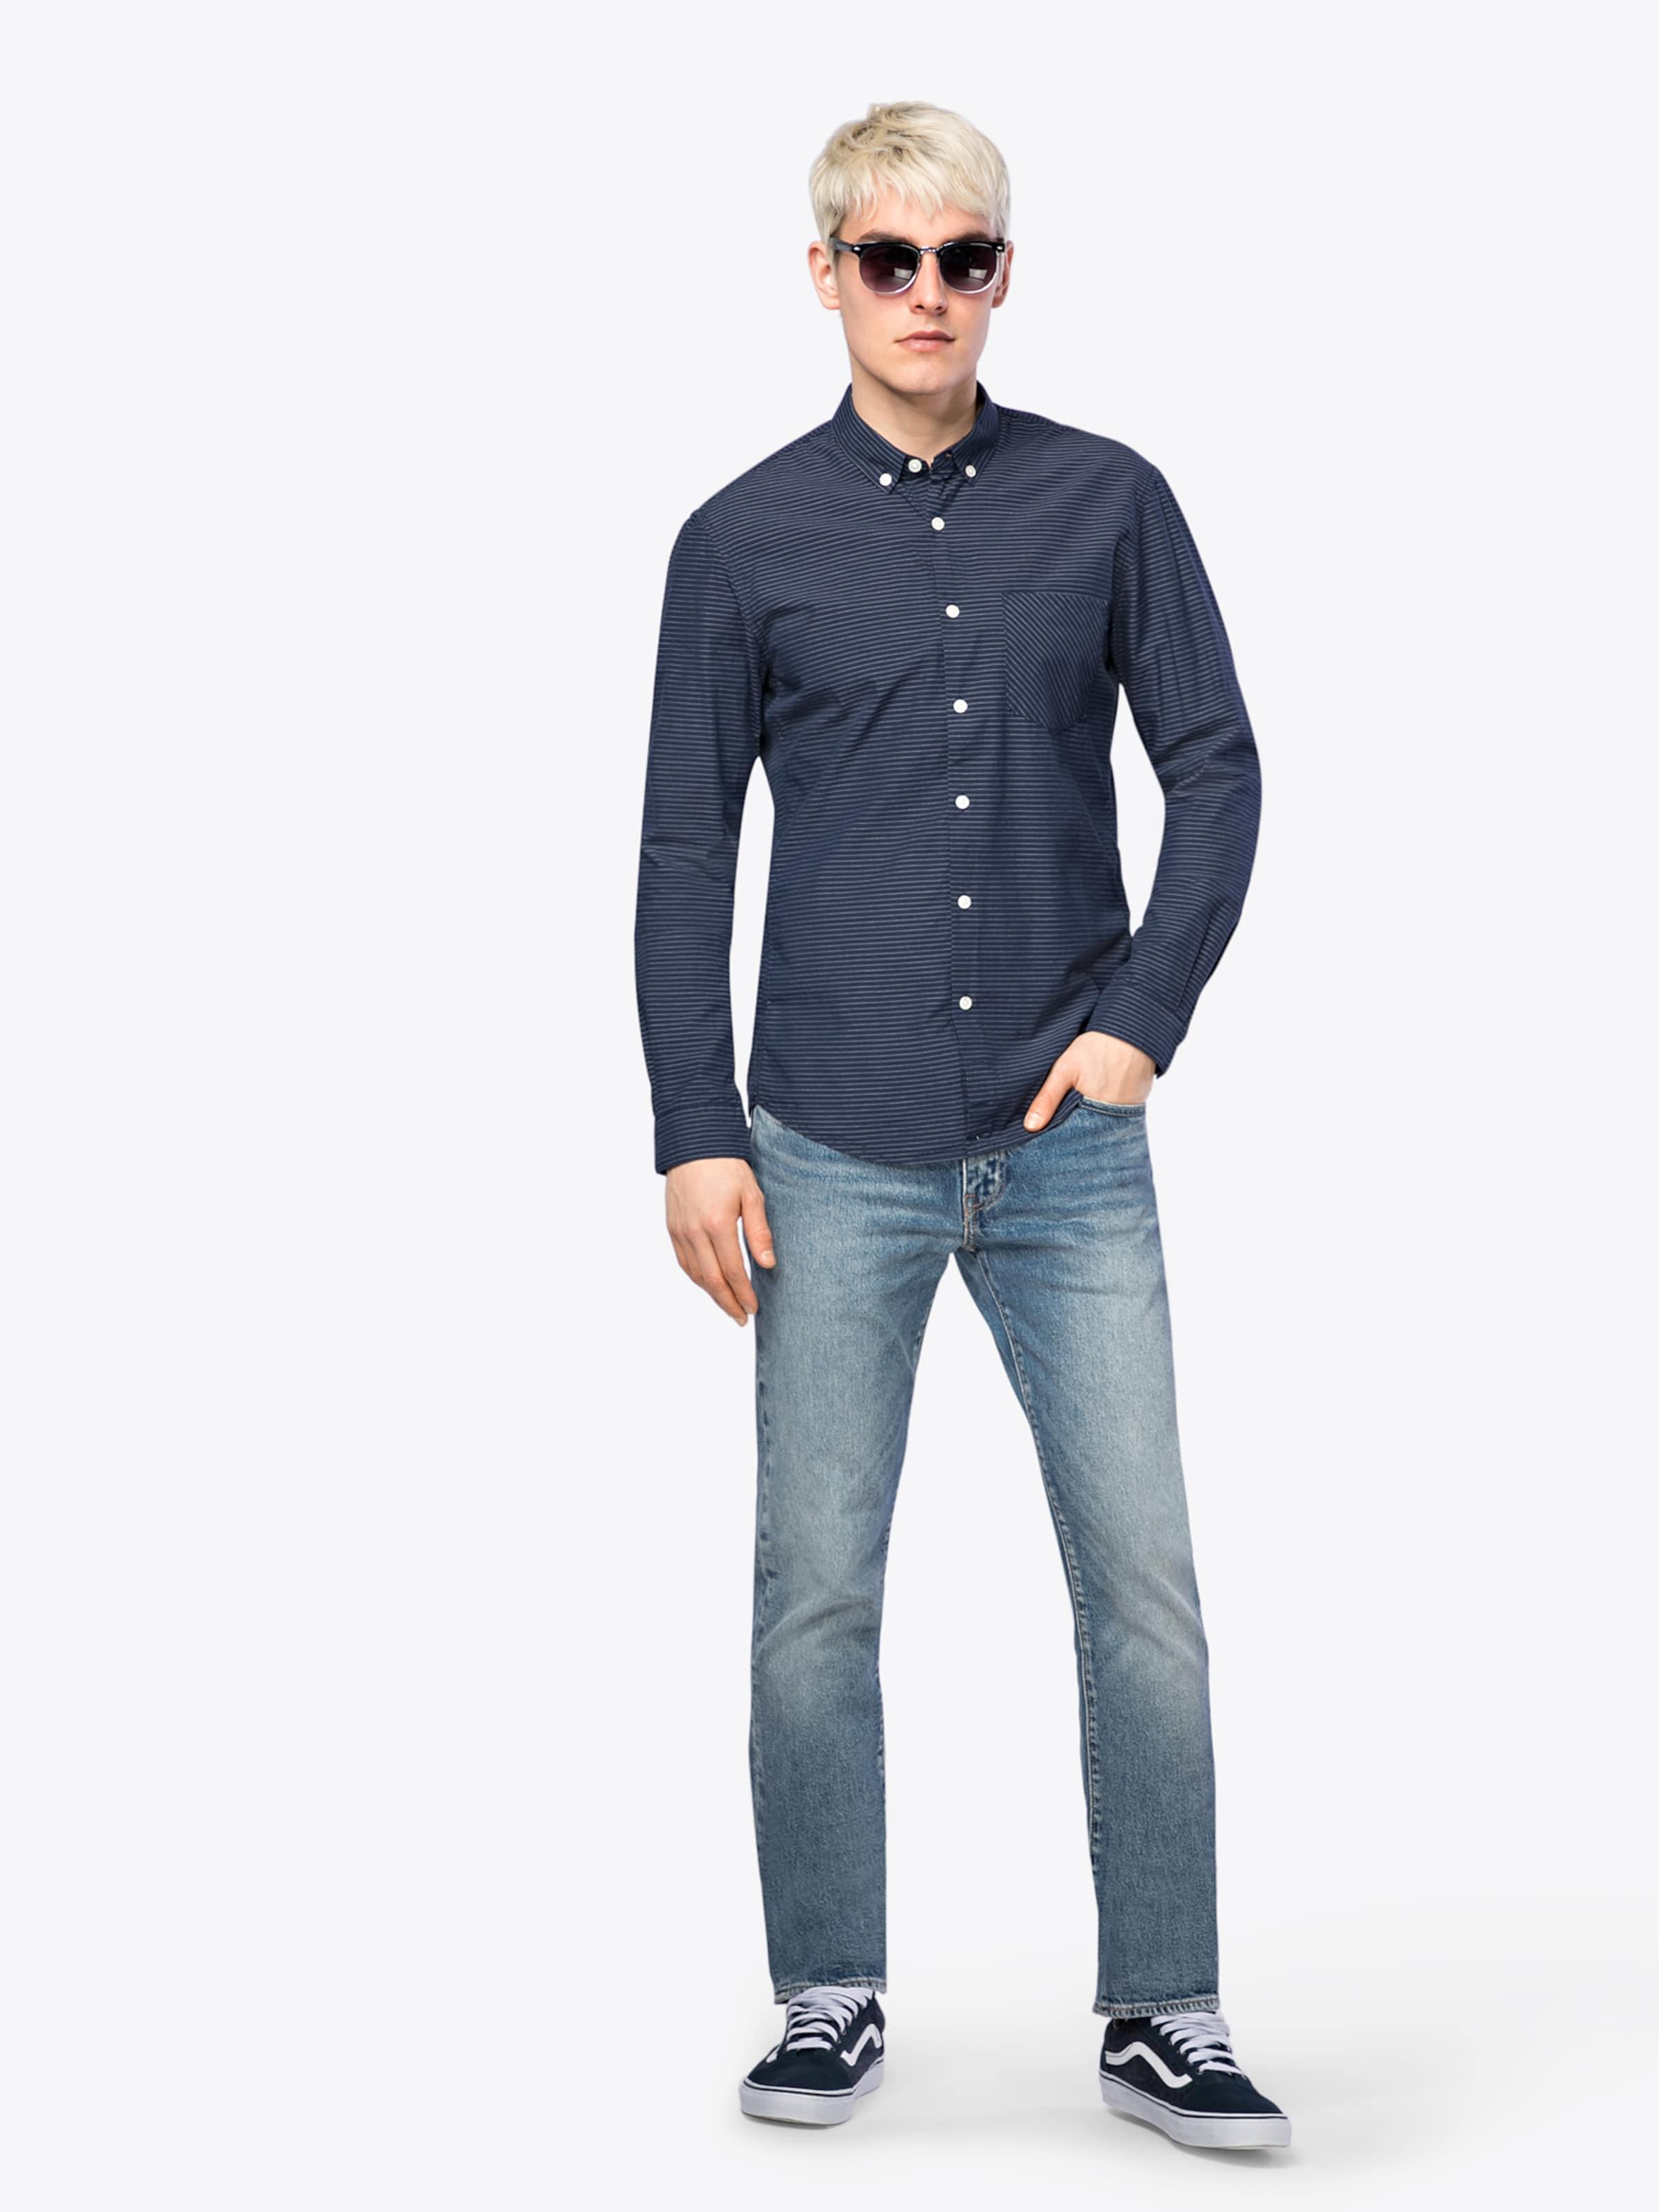 Bester Speicher Billig Online Zu Bekommen TOM TAILOR DENIM Freizeithemd 'It´s All About Stripe Shirt' Billig Erstaunlicher Preis ElHx5EKP